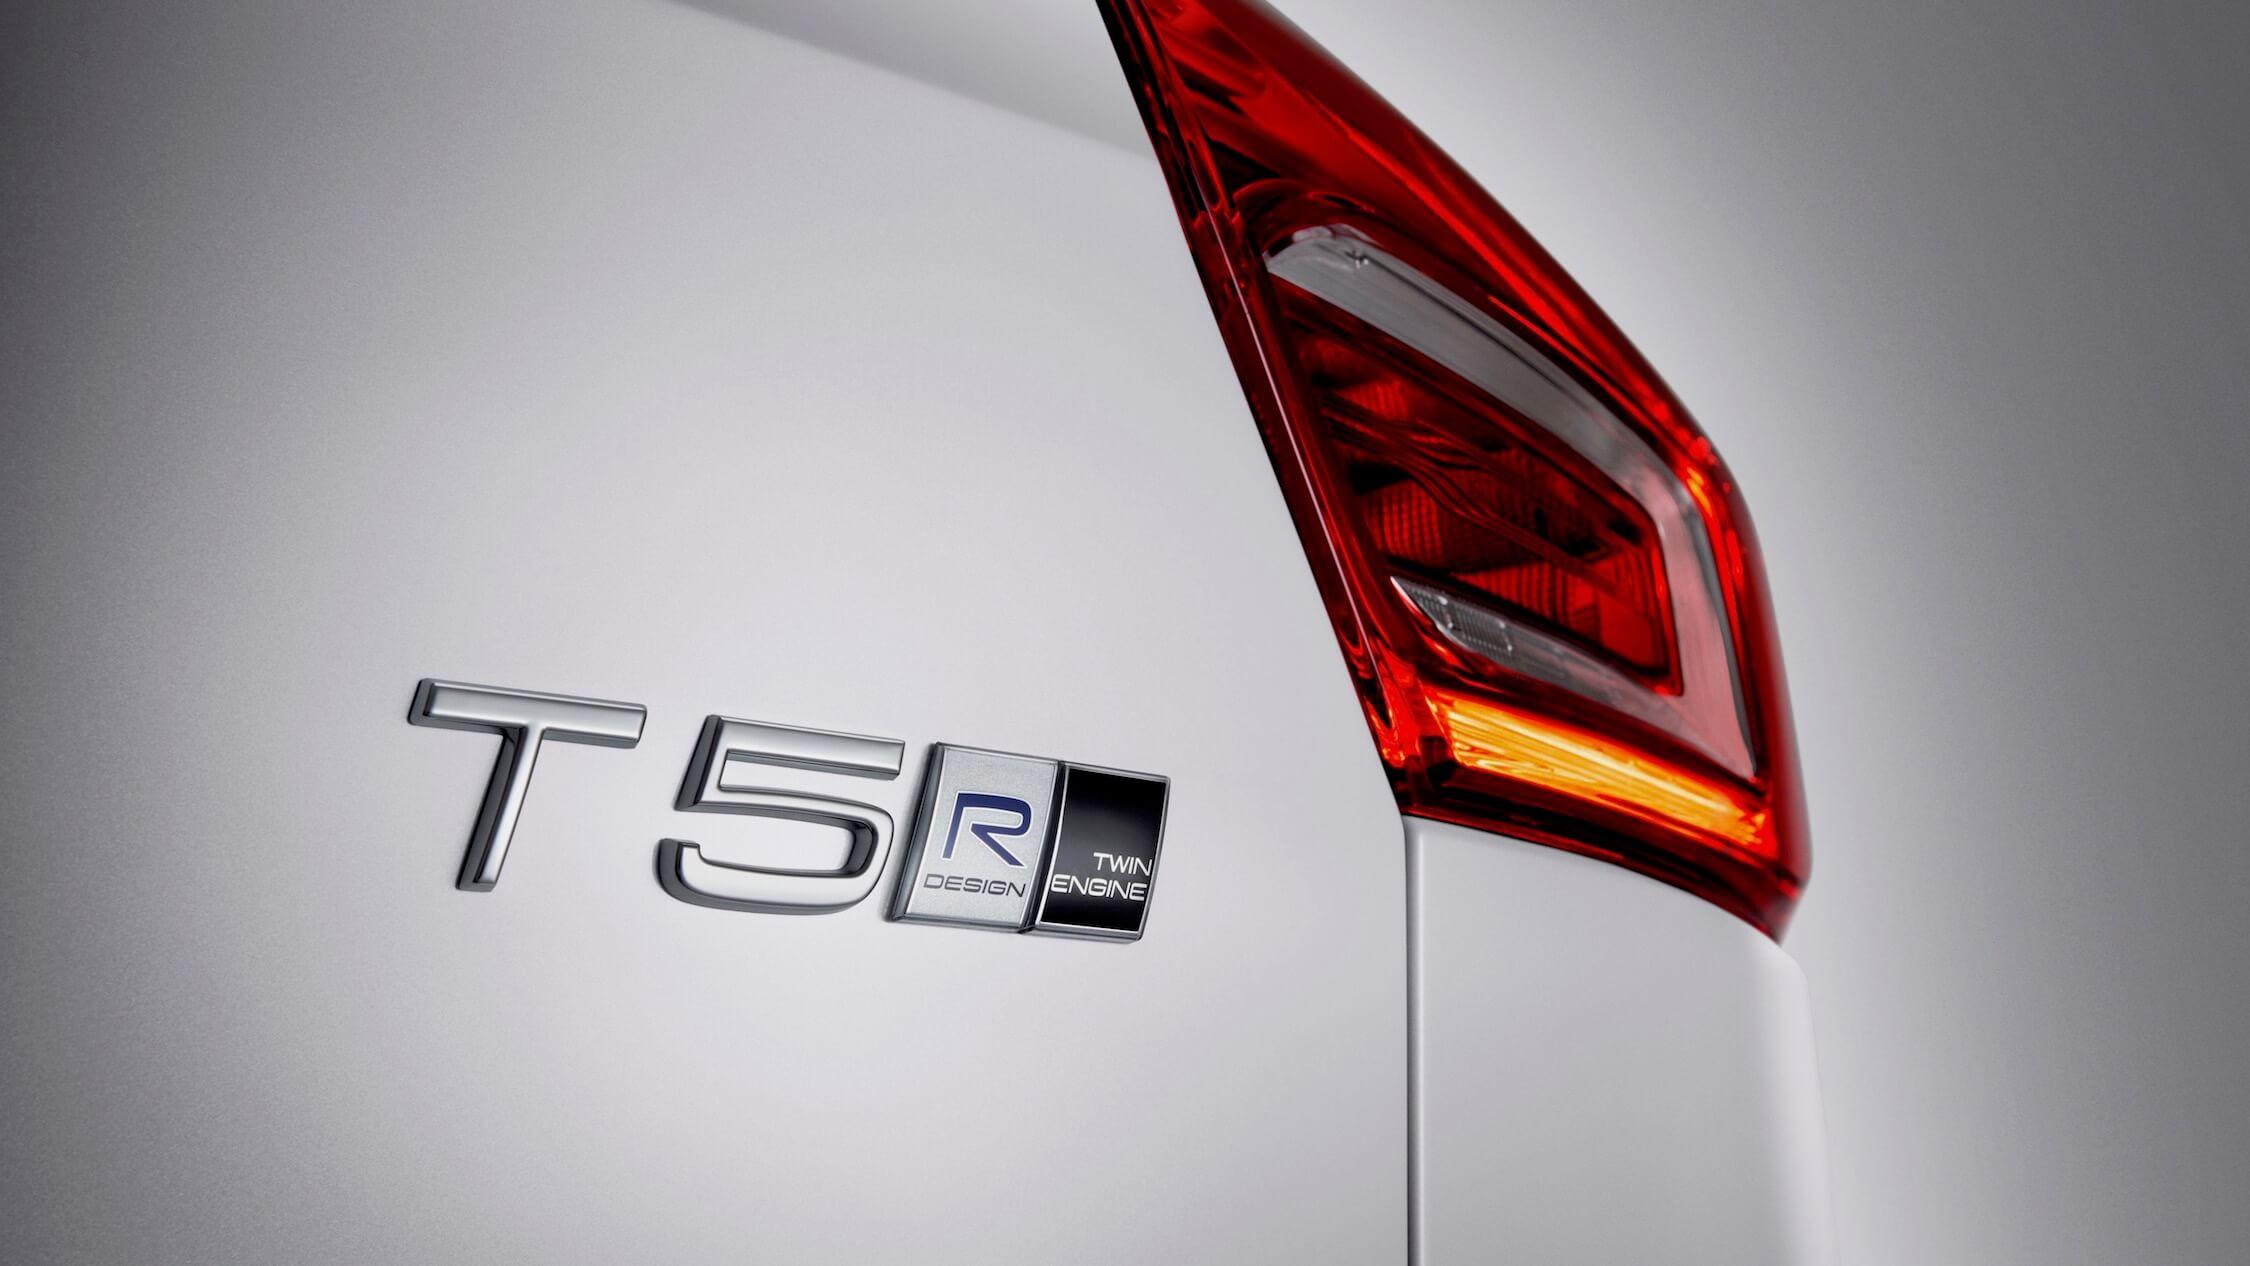 Volvo XC40 T5 logo